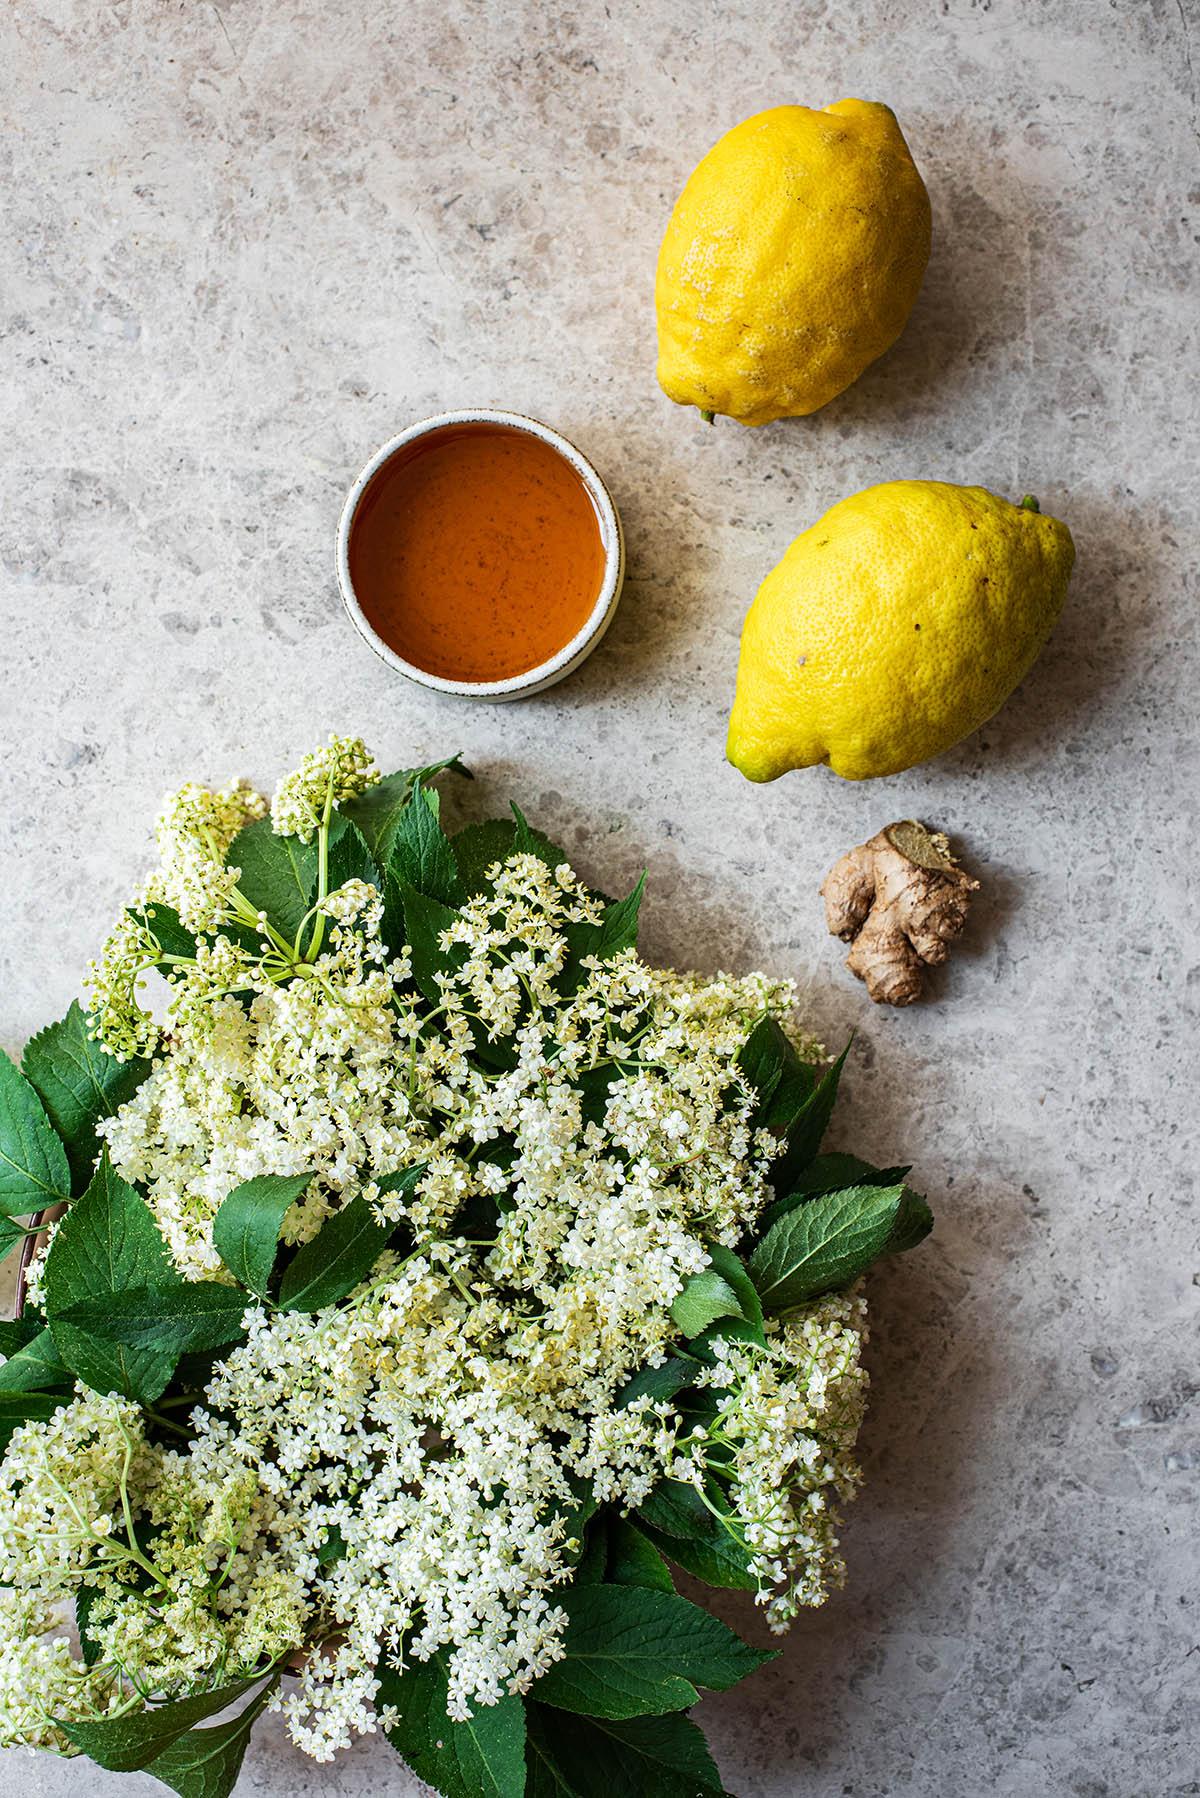 Lemon Elderflower popsicles ingredients.